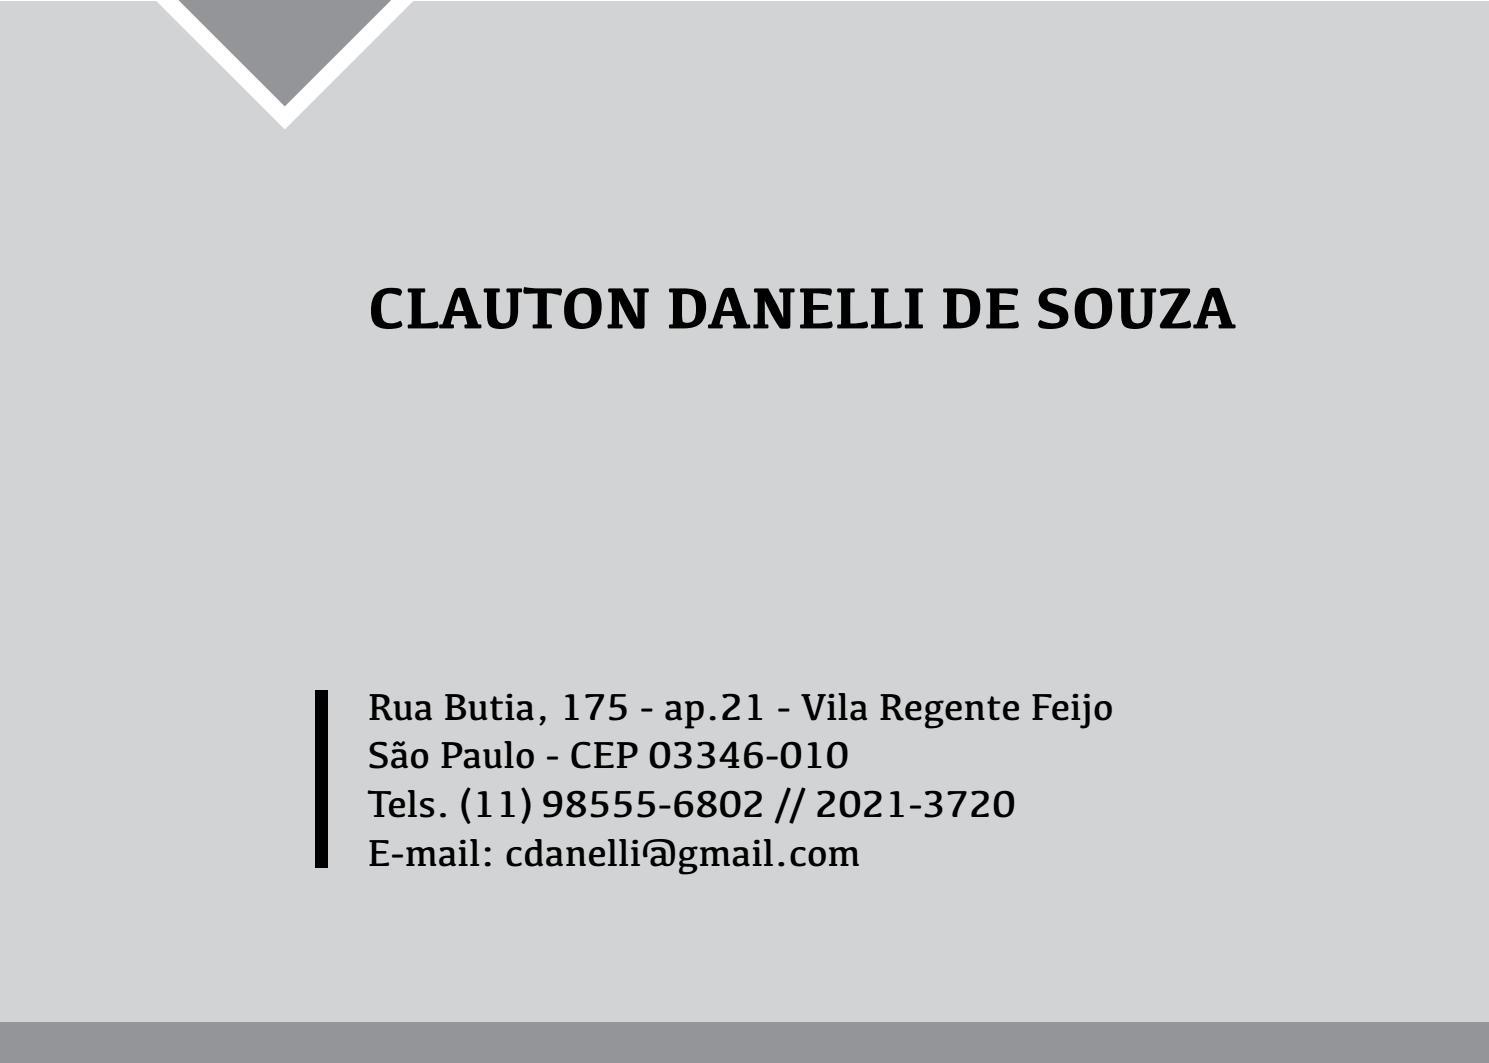 ebced91fd Portifolio by Clauton Danelli de Souza - issuu